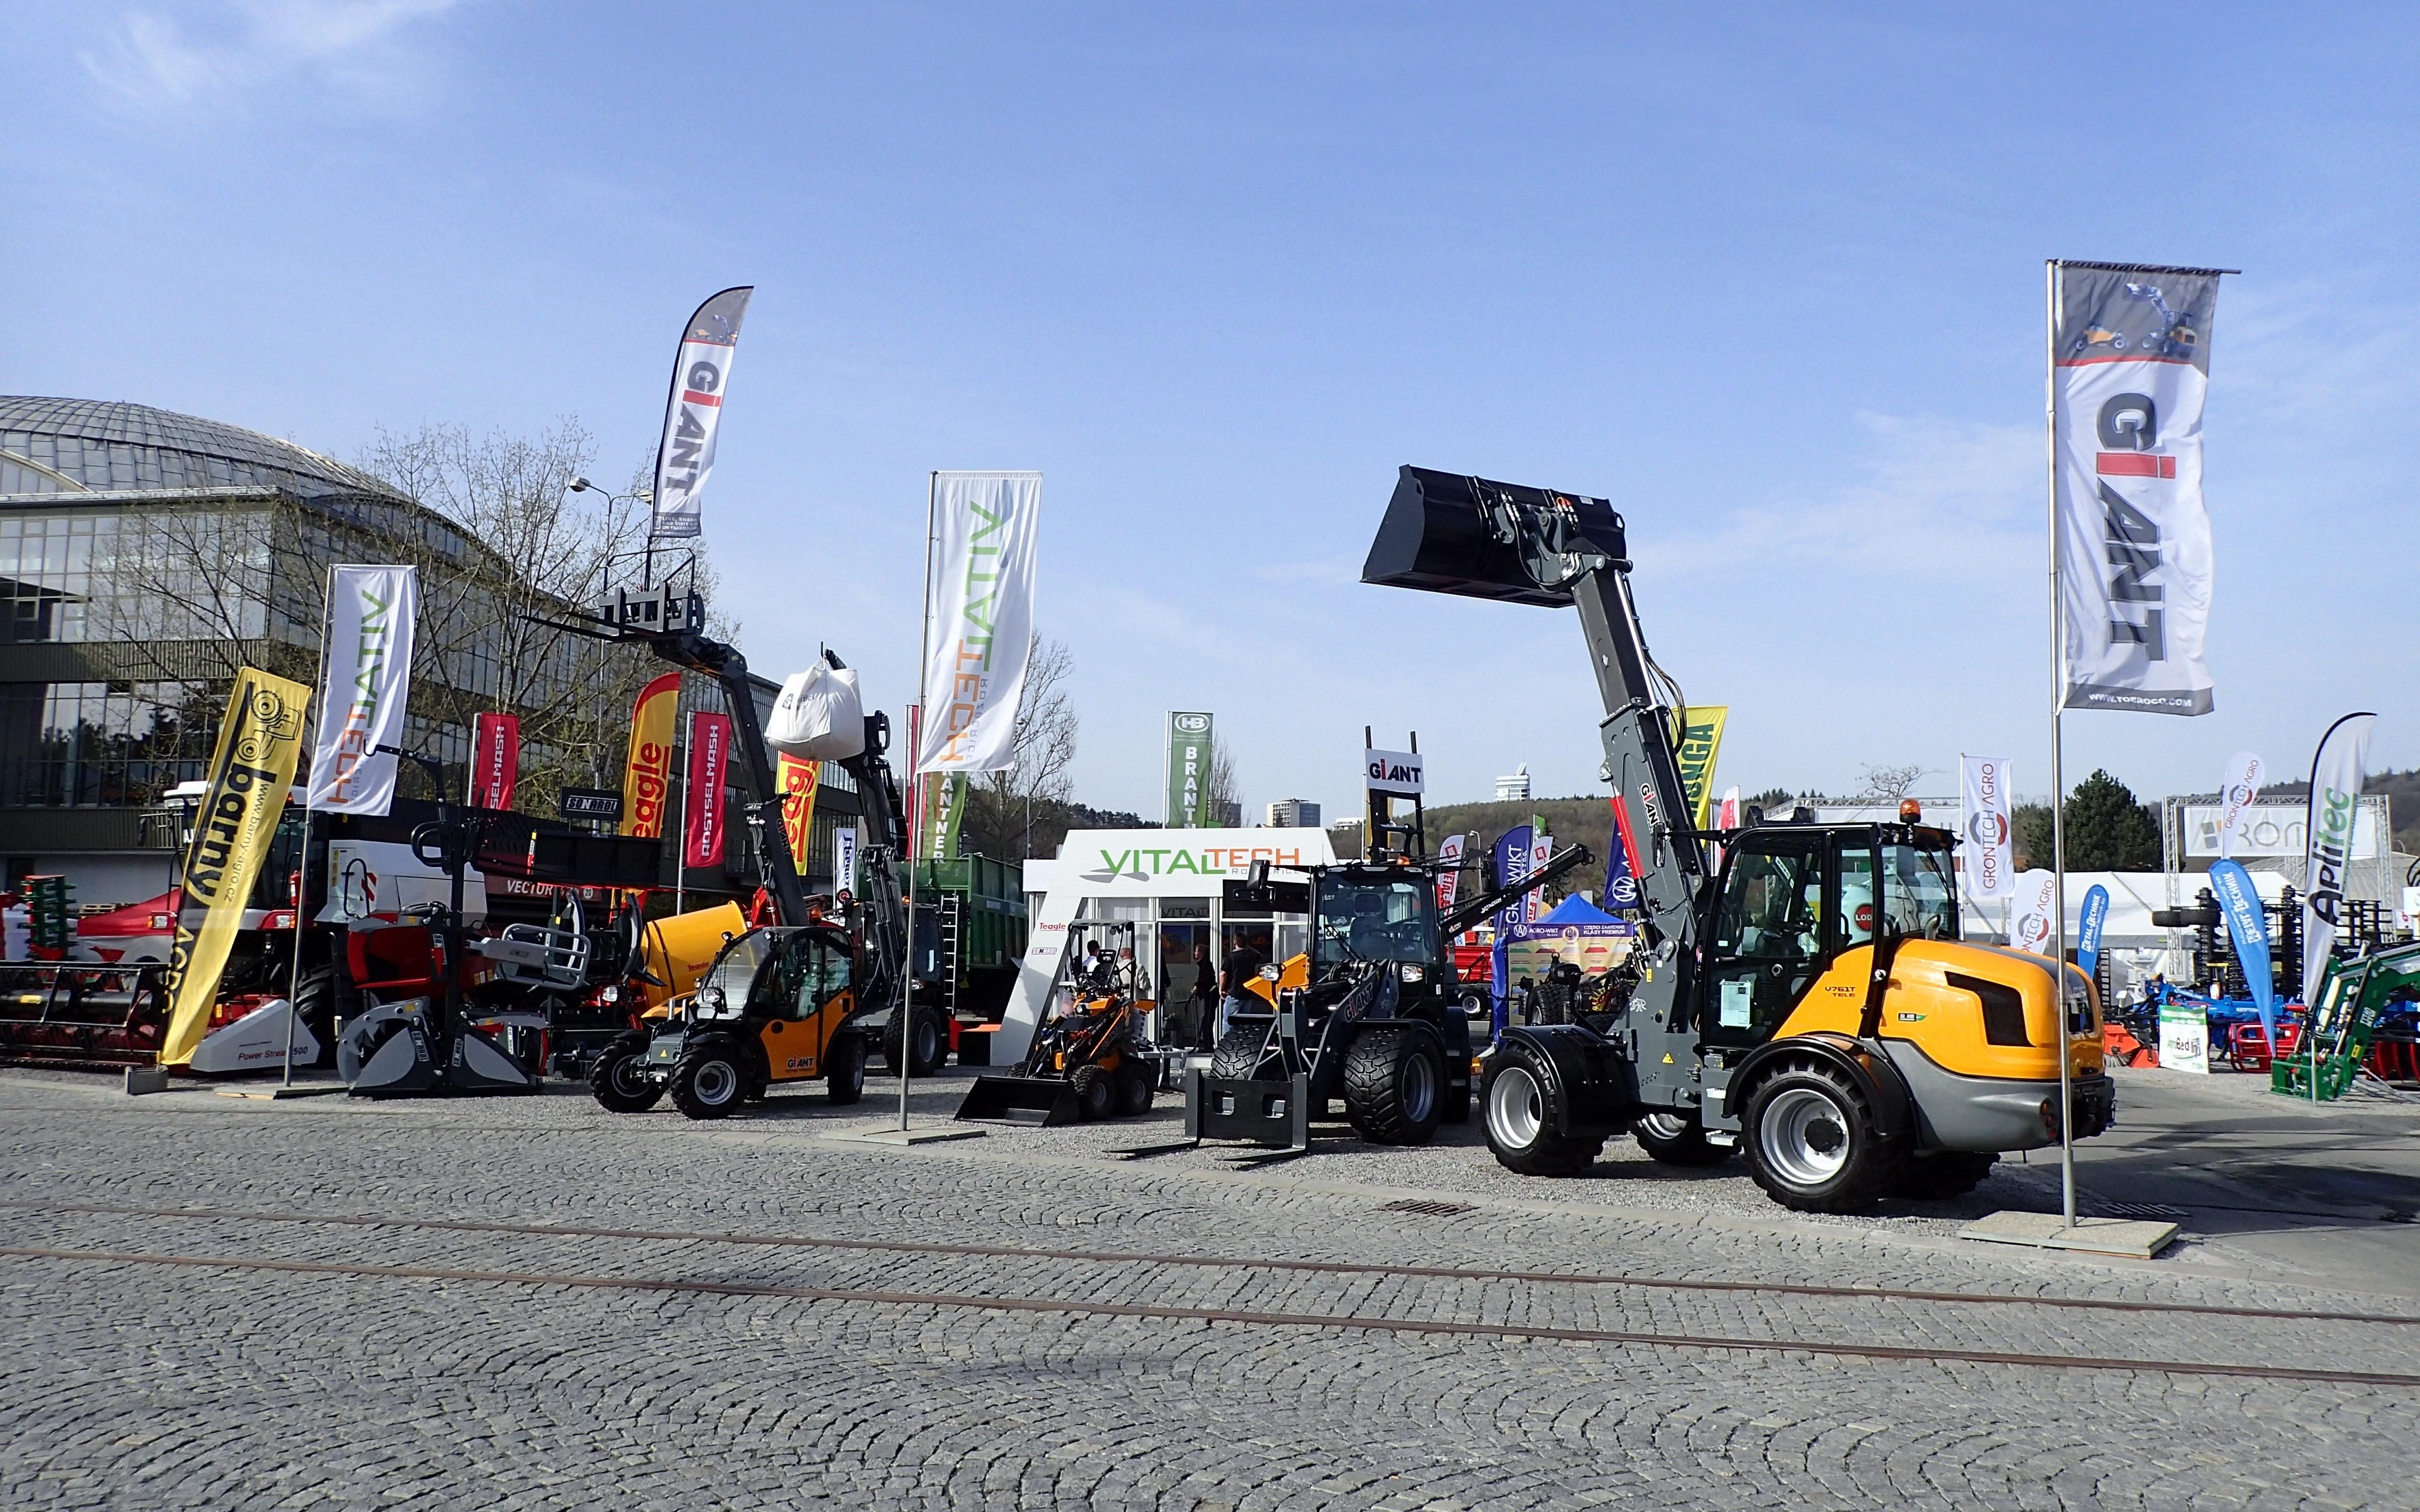 Mezinárodní veletrh zemědělské techniky - TECHAGRO 2018